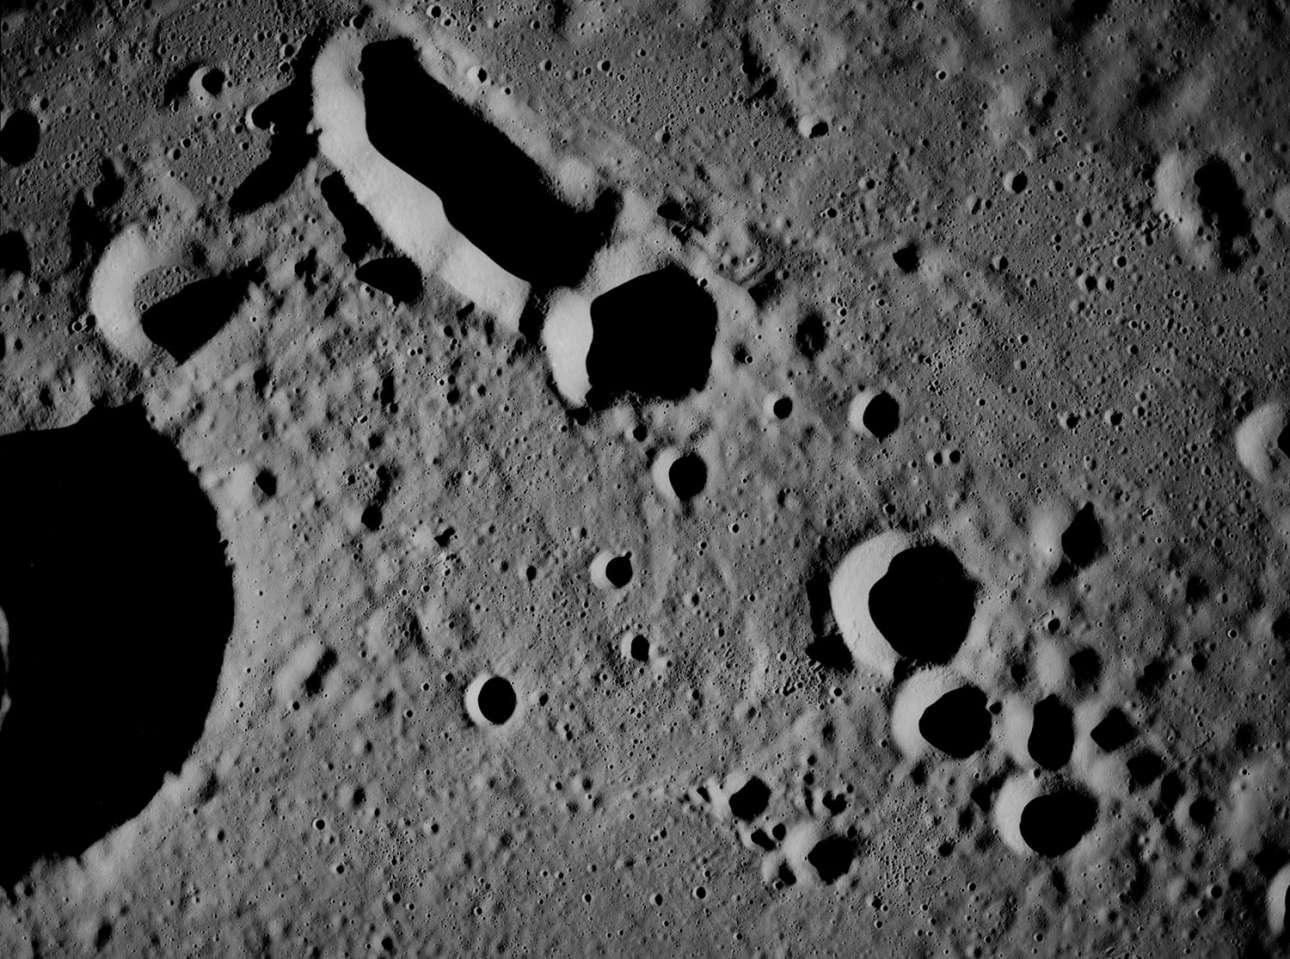 Η επιφάνεια της Σελήνης όπως φαίνεται από το Apollo 8 που βρίσκεται σε τροχιά. Οταν το κέντρο ελέγχου της αποστολής ρώτησε πως τους φαίνεται το φεγγάρι από απόσταση 95 χιλιομέτρων, ο αστροναύτης Τζέιμς Λοβελ απάντησε: «Χιούστον, το φεγγάρι είναι κυρίως γκρι, δεν έχει χρώμα, μοιάζει με γύψο ή κάποια γκριζωπή αμμουδιά»